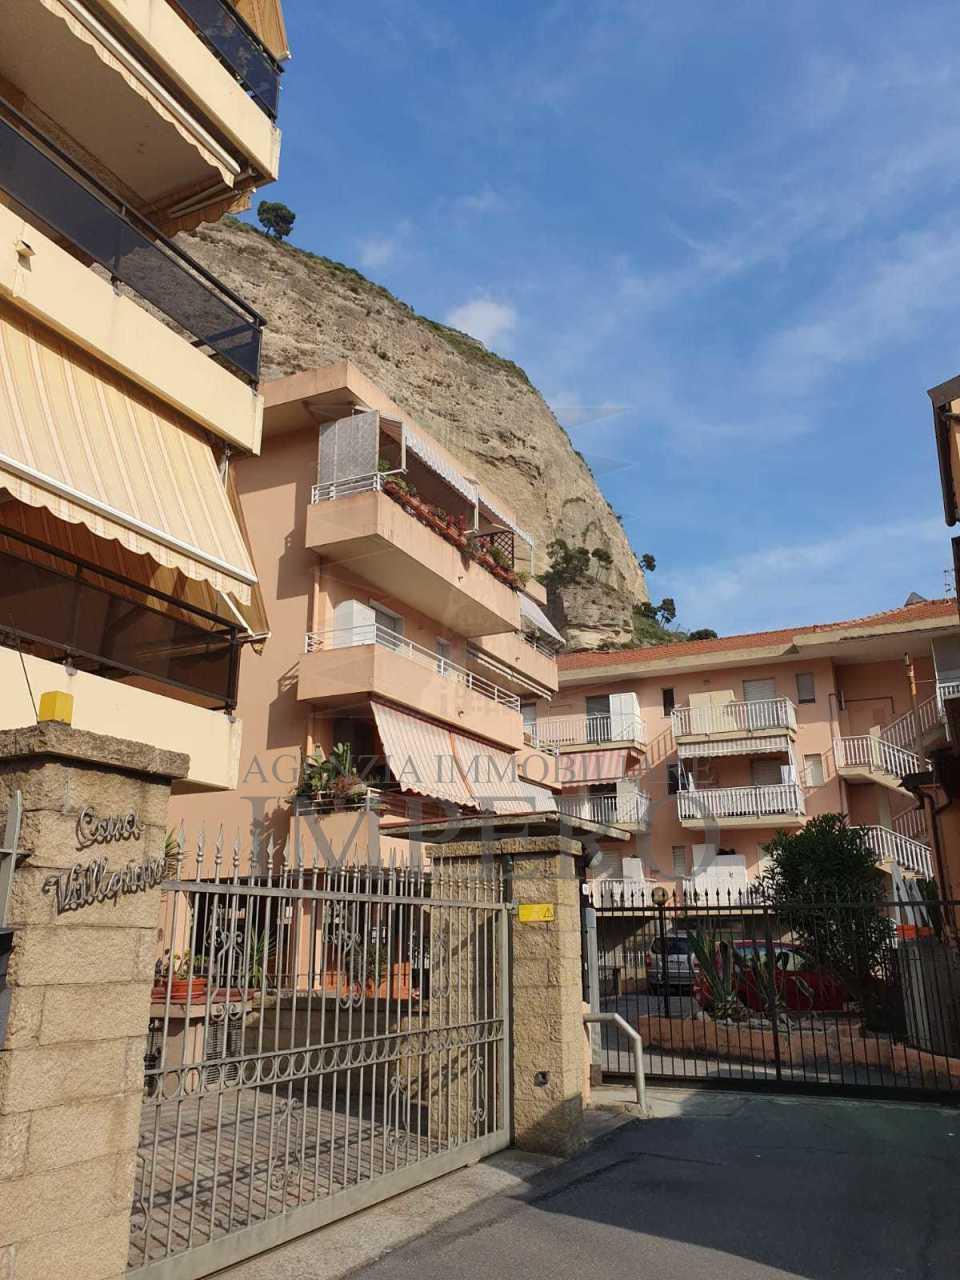 Appartamento in affitto a Ventimiglia, 1 locali, prezzo € 450 | PortaleAgenzieImmobiliari.it